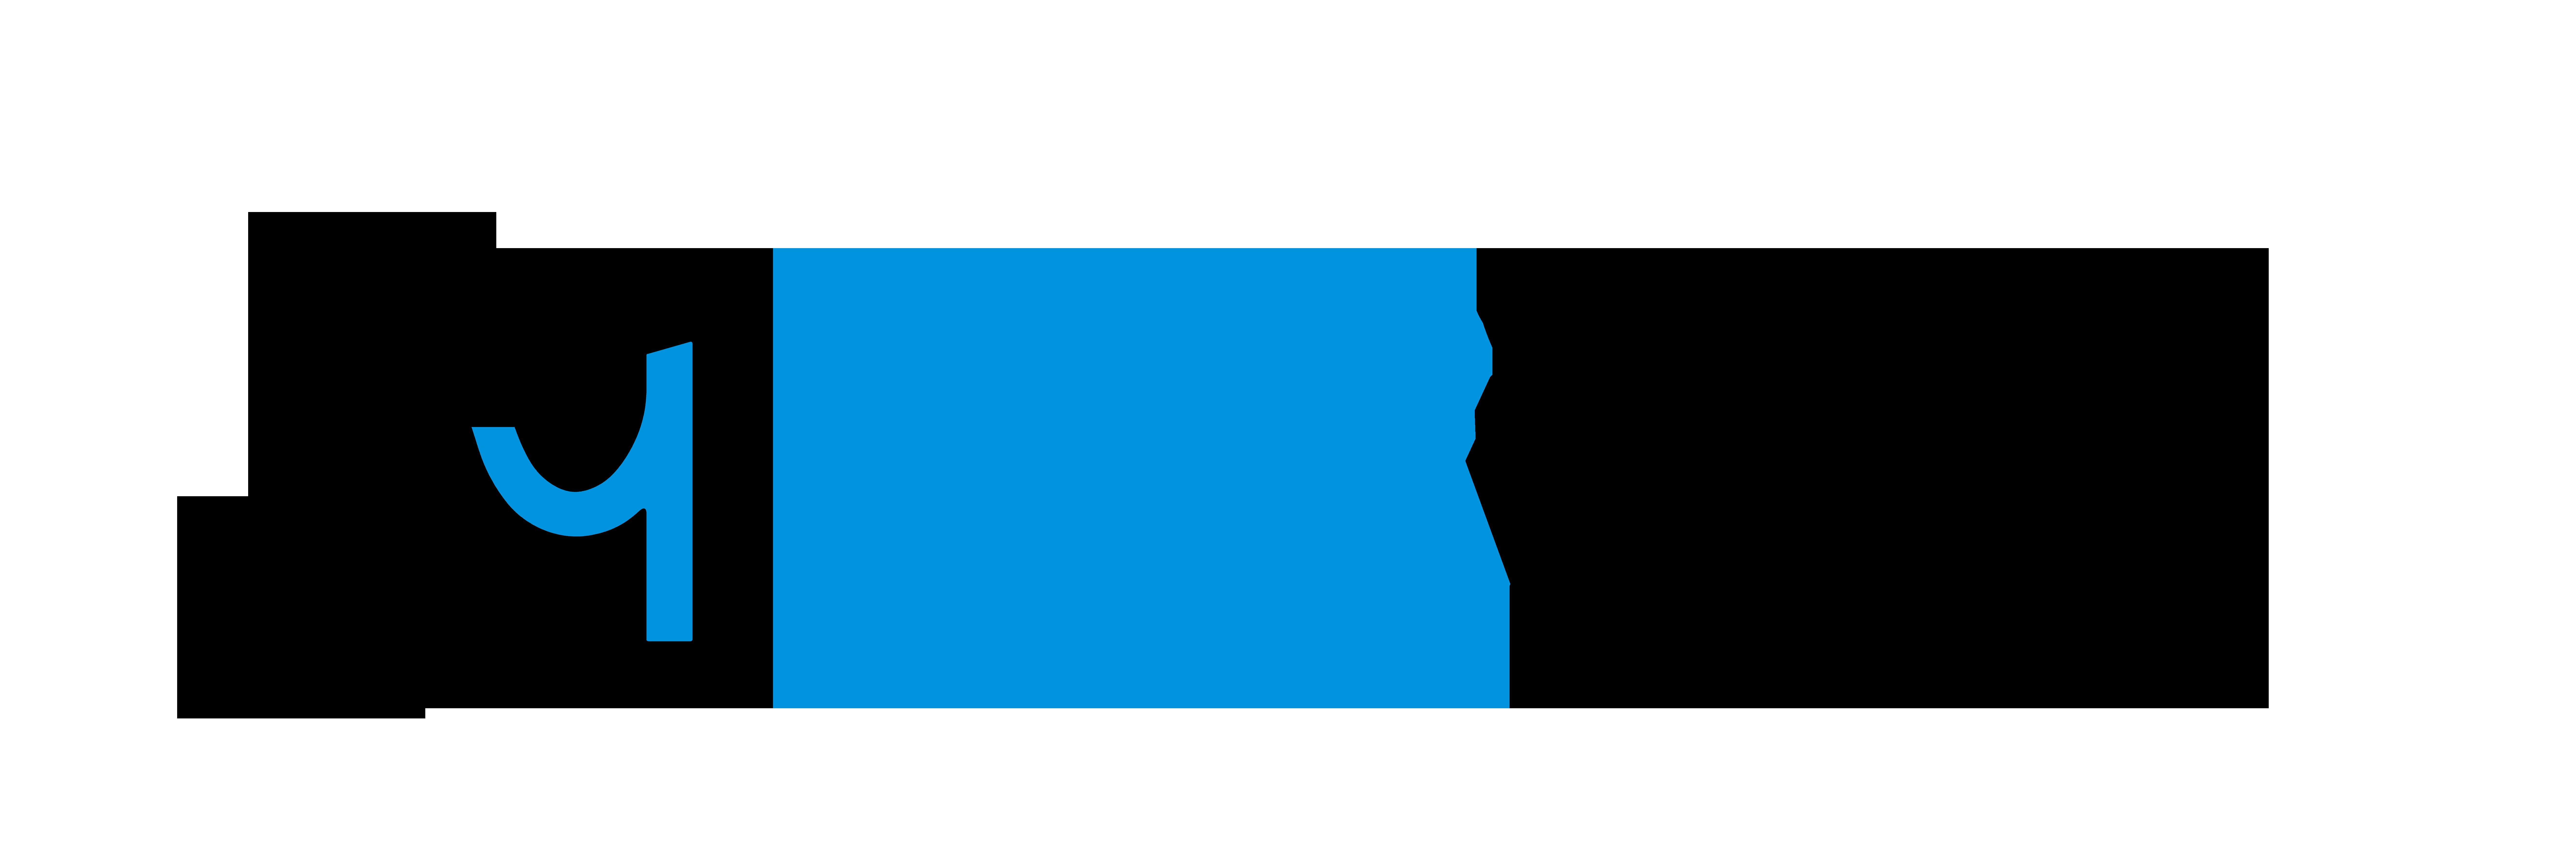 Hak-Food